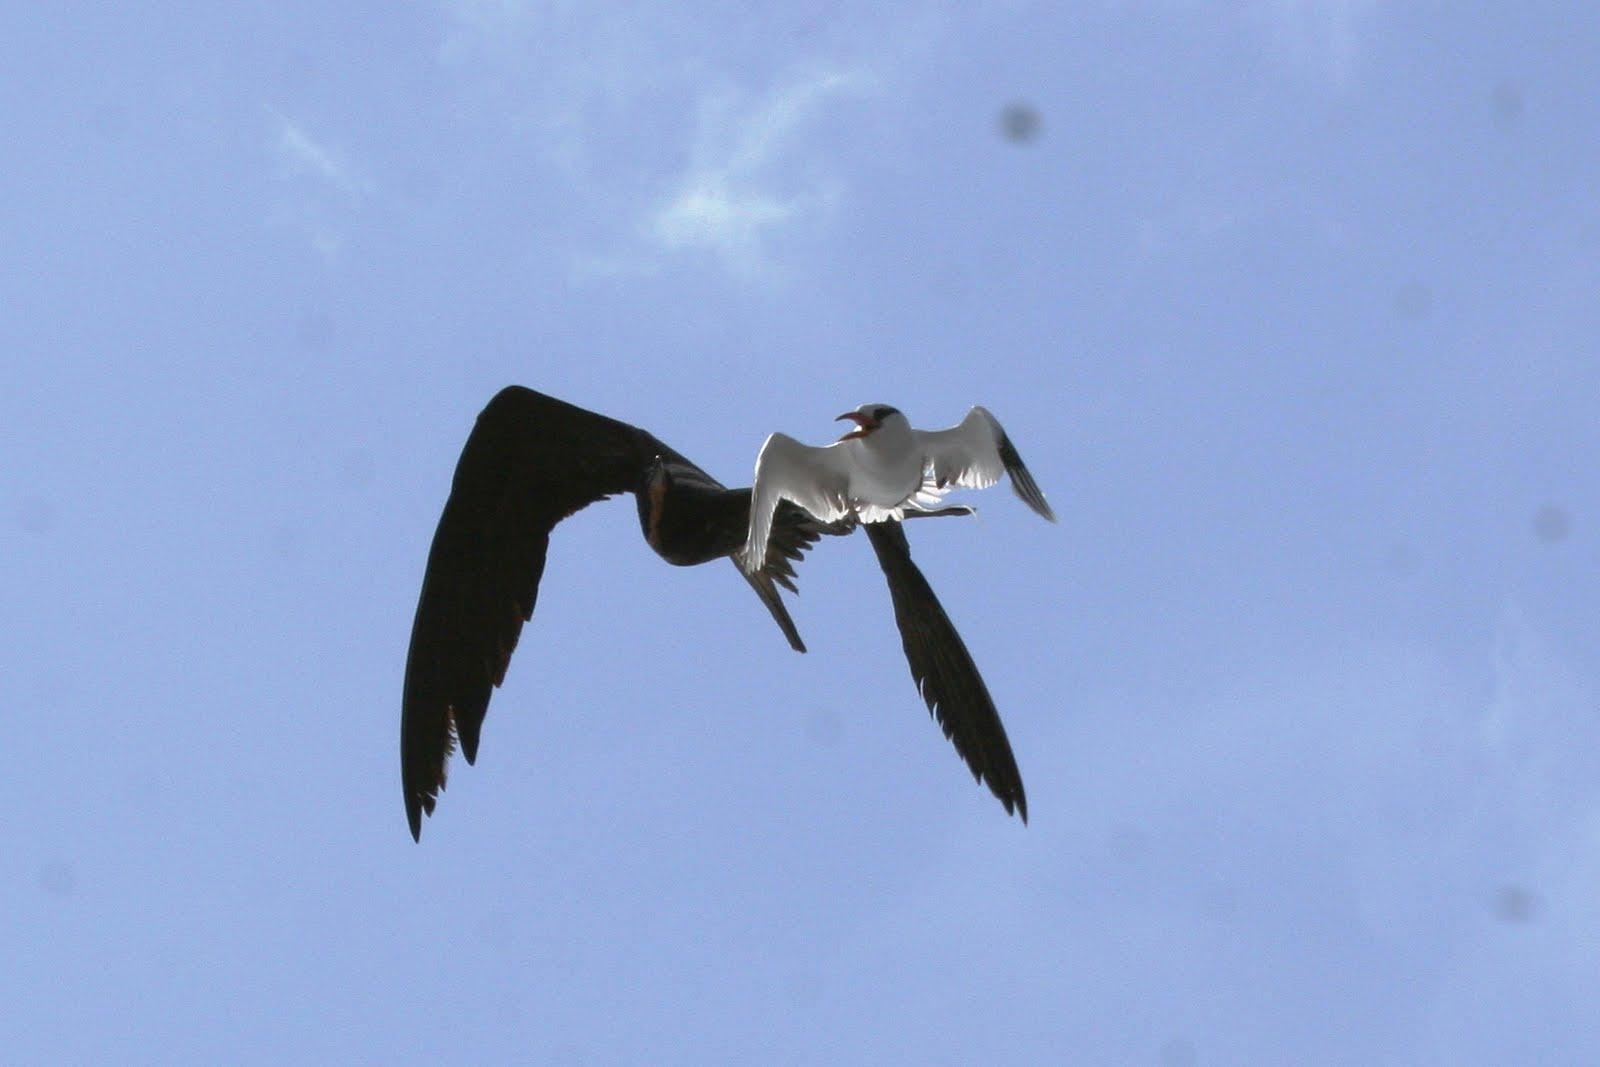 Chim nhiệt đới đuôi trắng bị cướp thức ăn